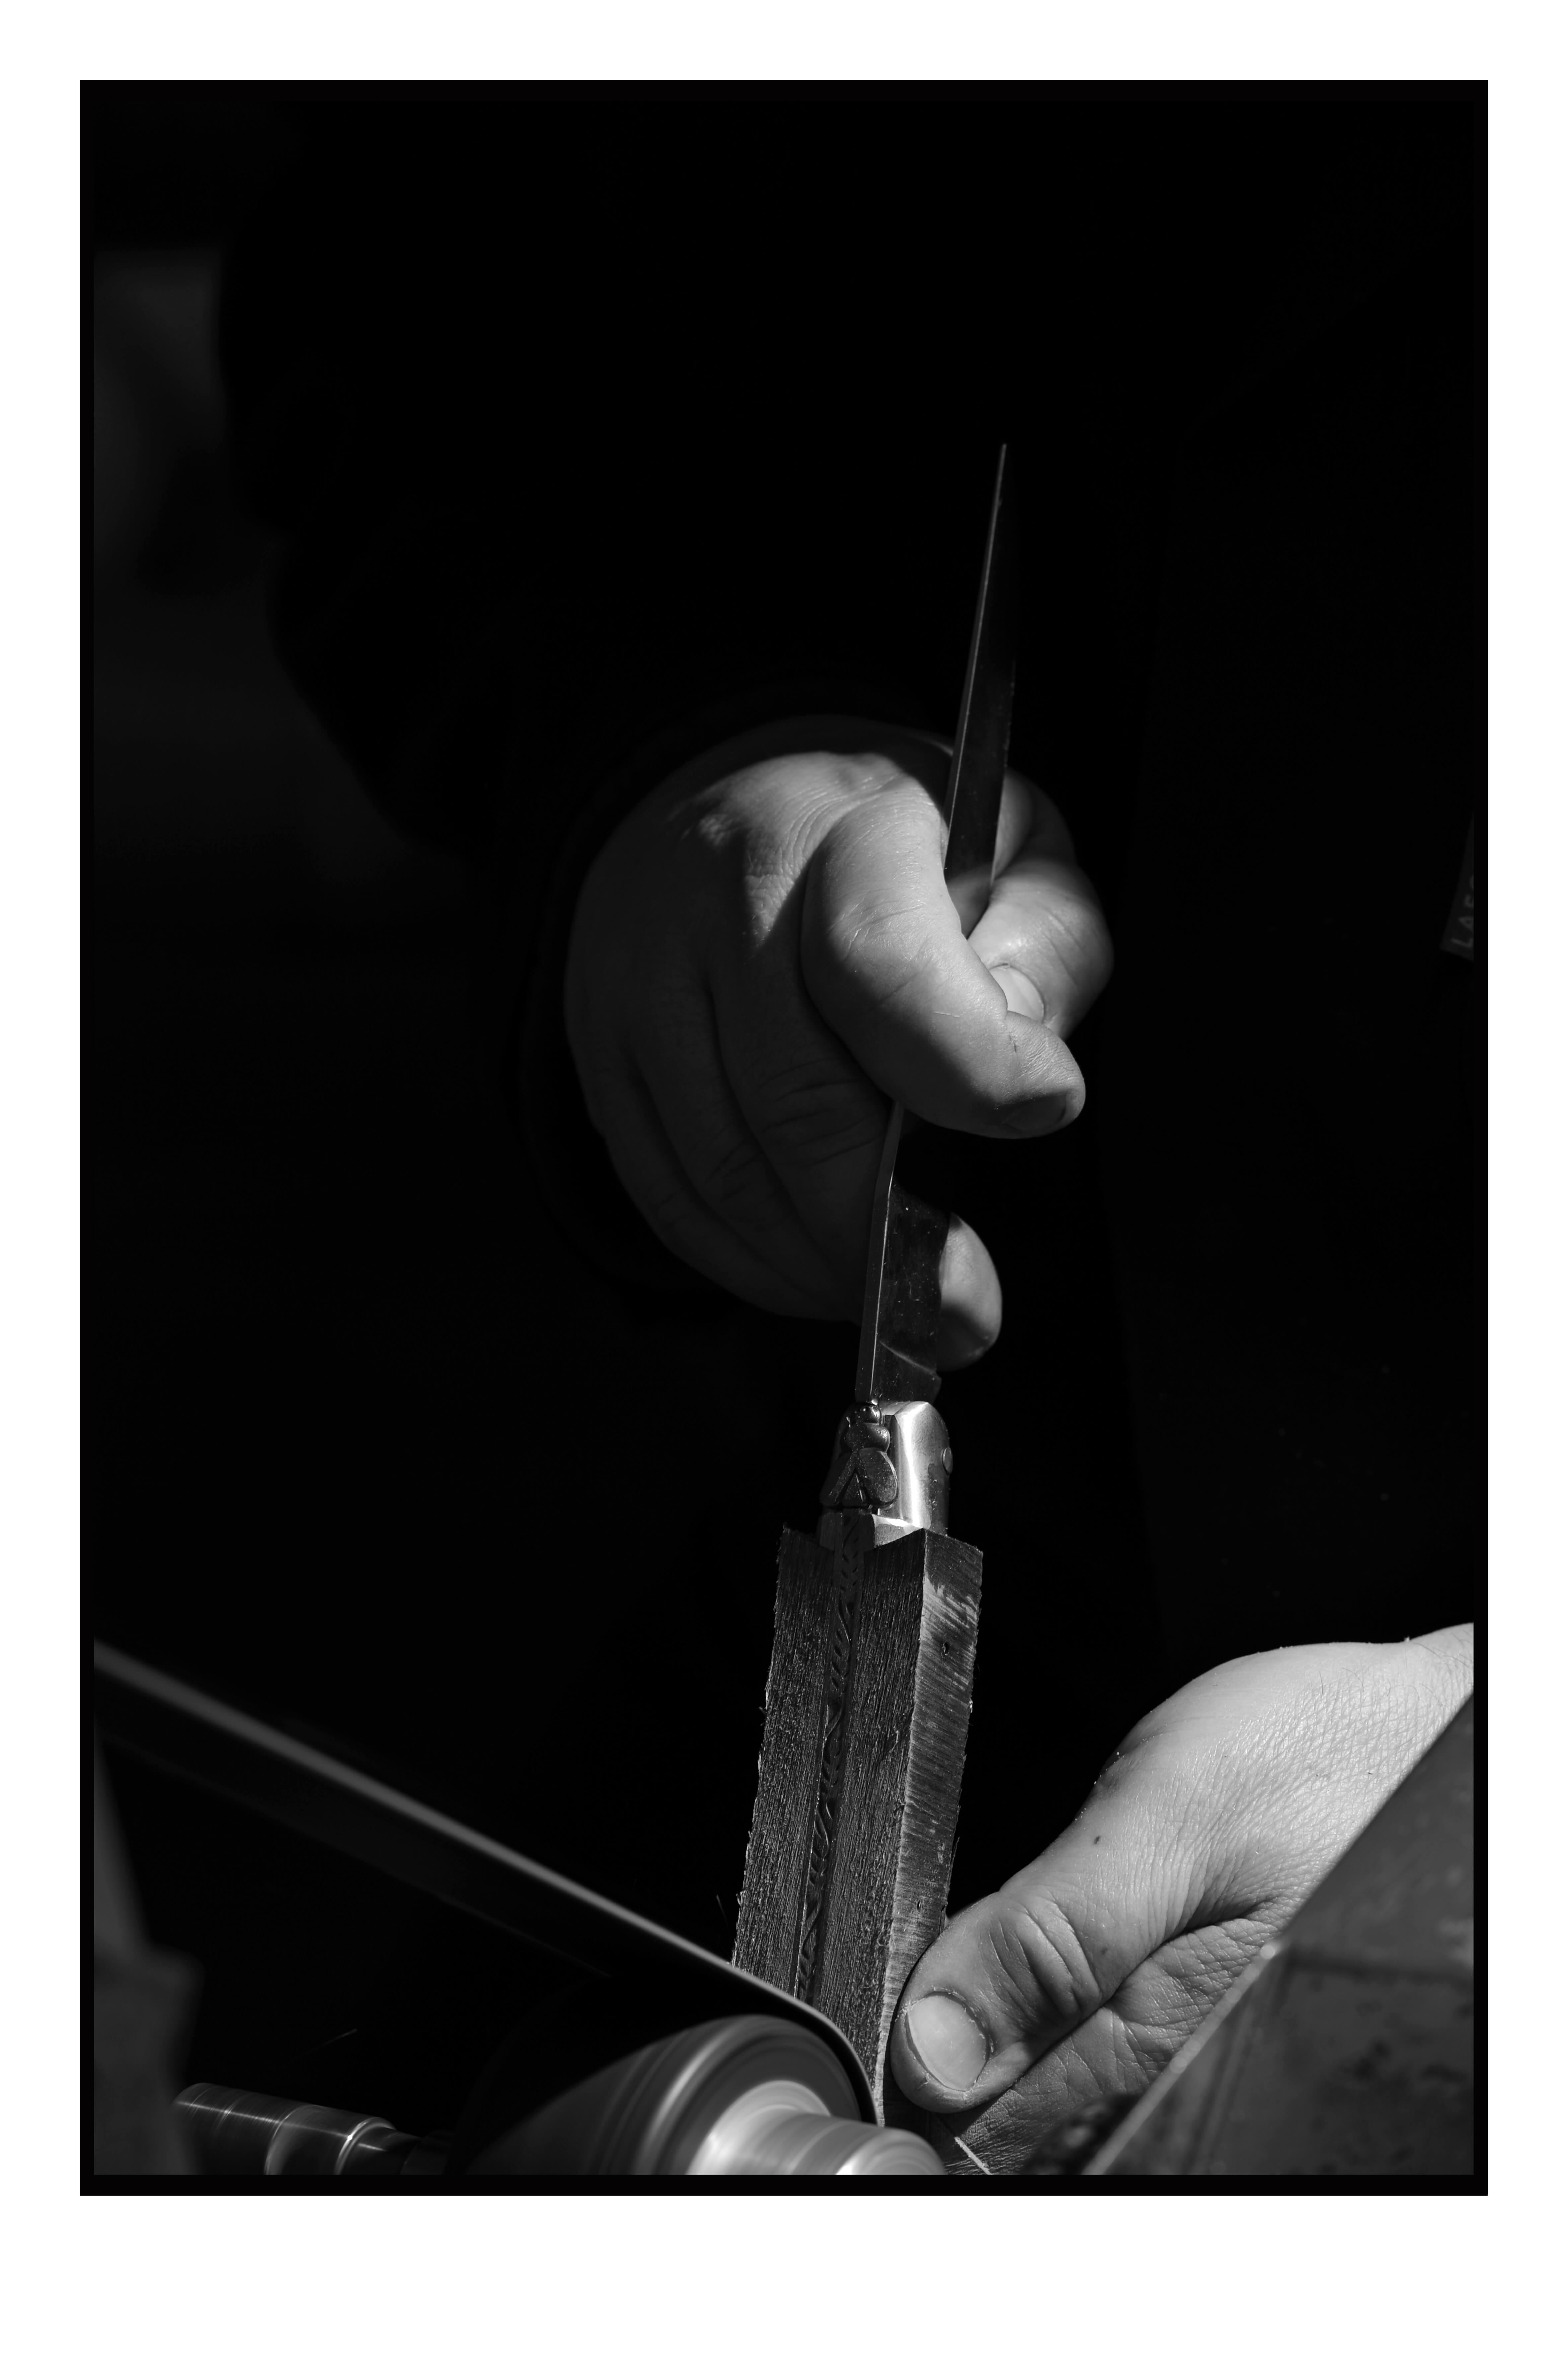 Photographie - Jean-Robert Loquillard - Les mains ; forge de laguiole